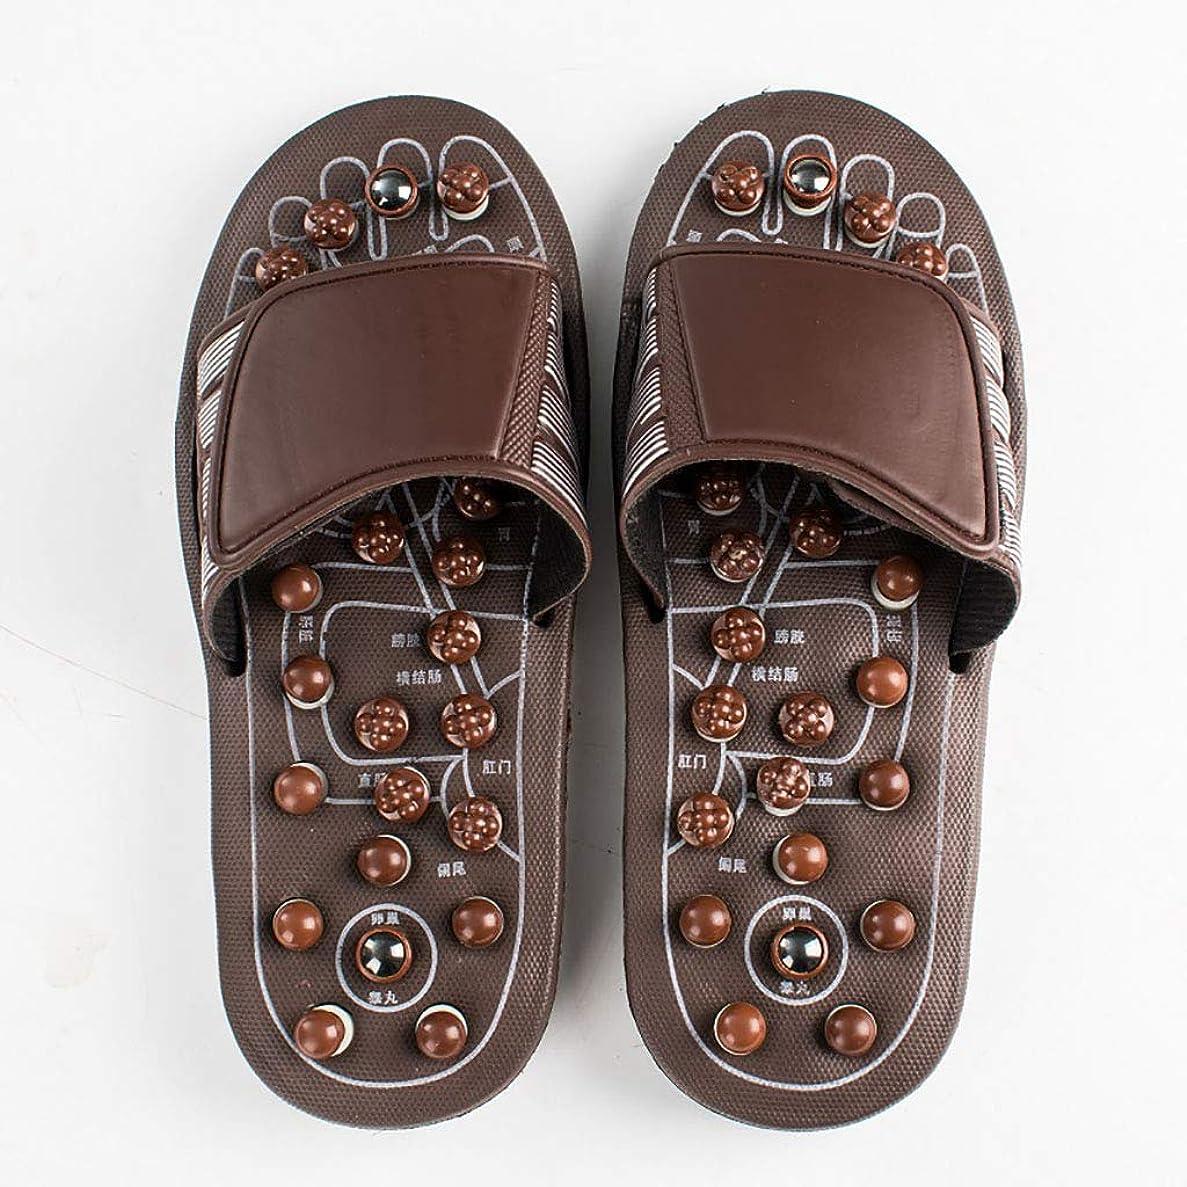 鎮痛剤細胞洞察力足のマッサージスリッパ、男性と女性のフットケアサンダル健康マッサージャーの靴ホーム屋内スリッパは、血液循環を促進する (色 : Brown, サイズ さいず : 41-41.5EU)